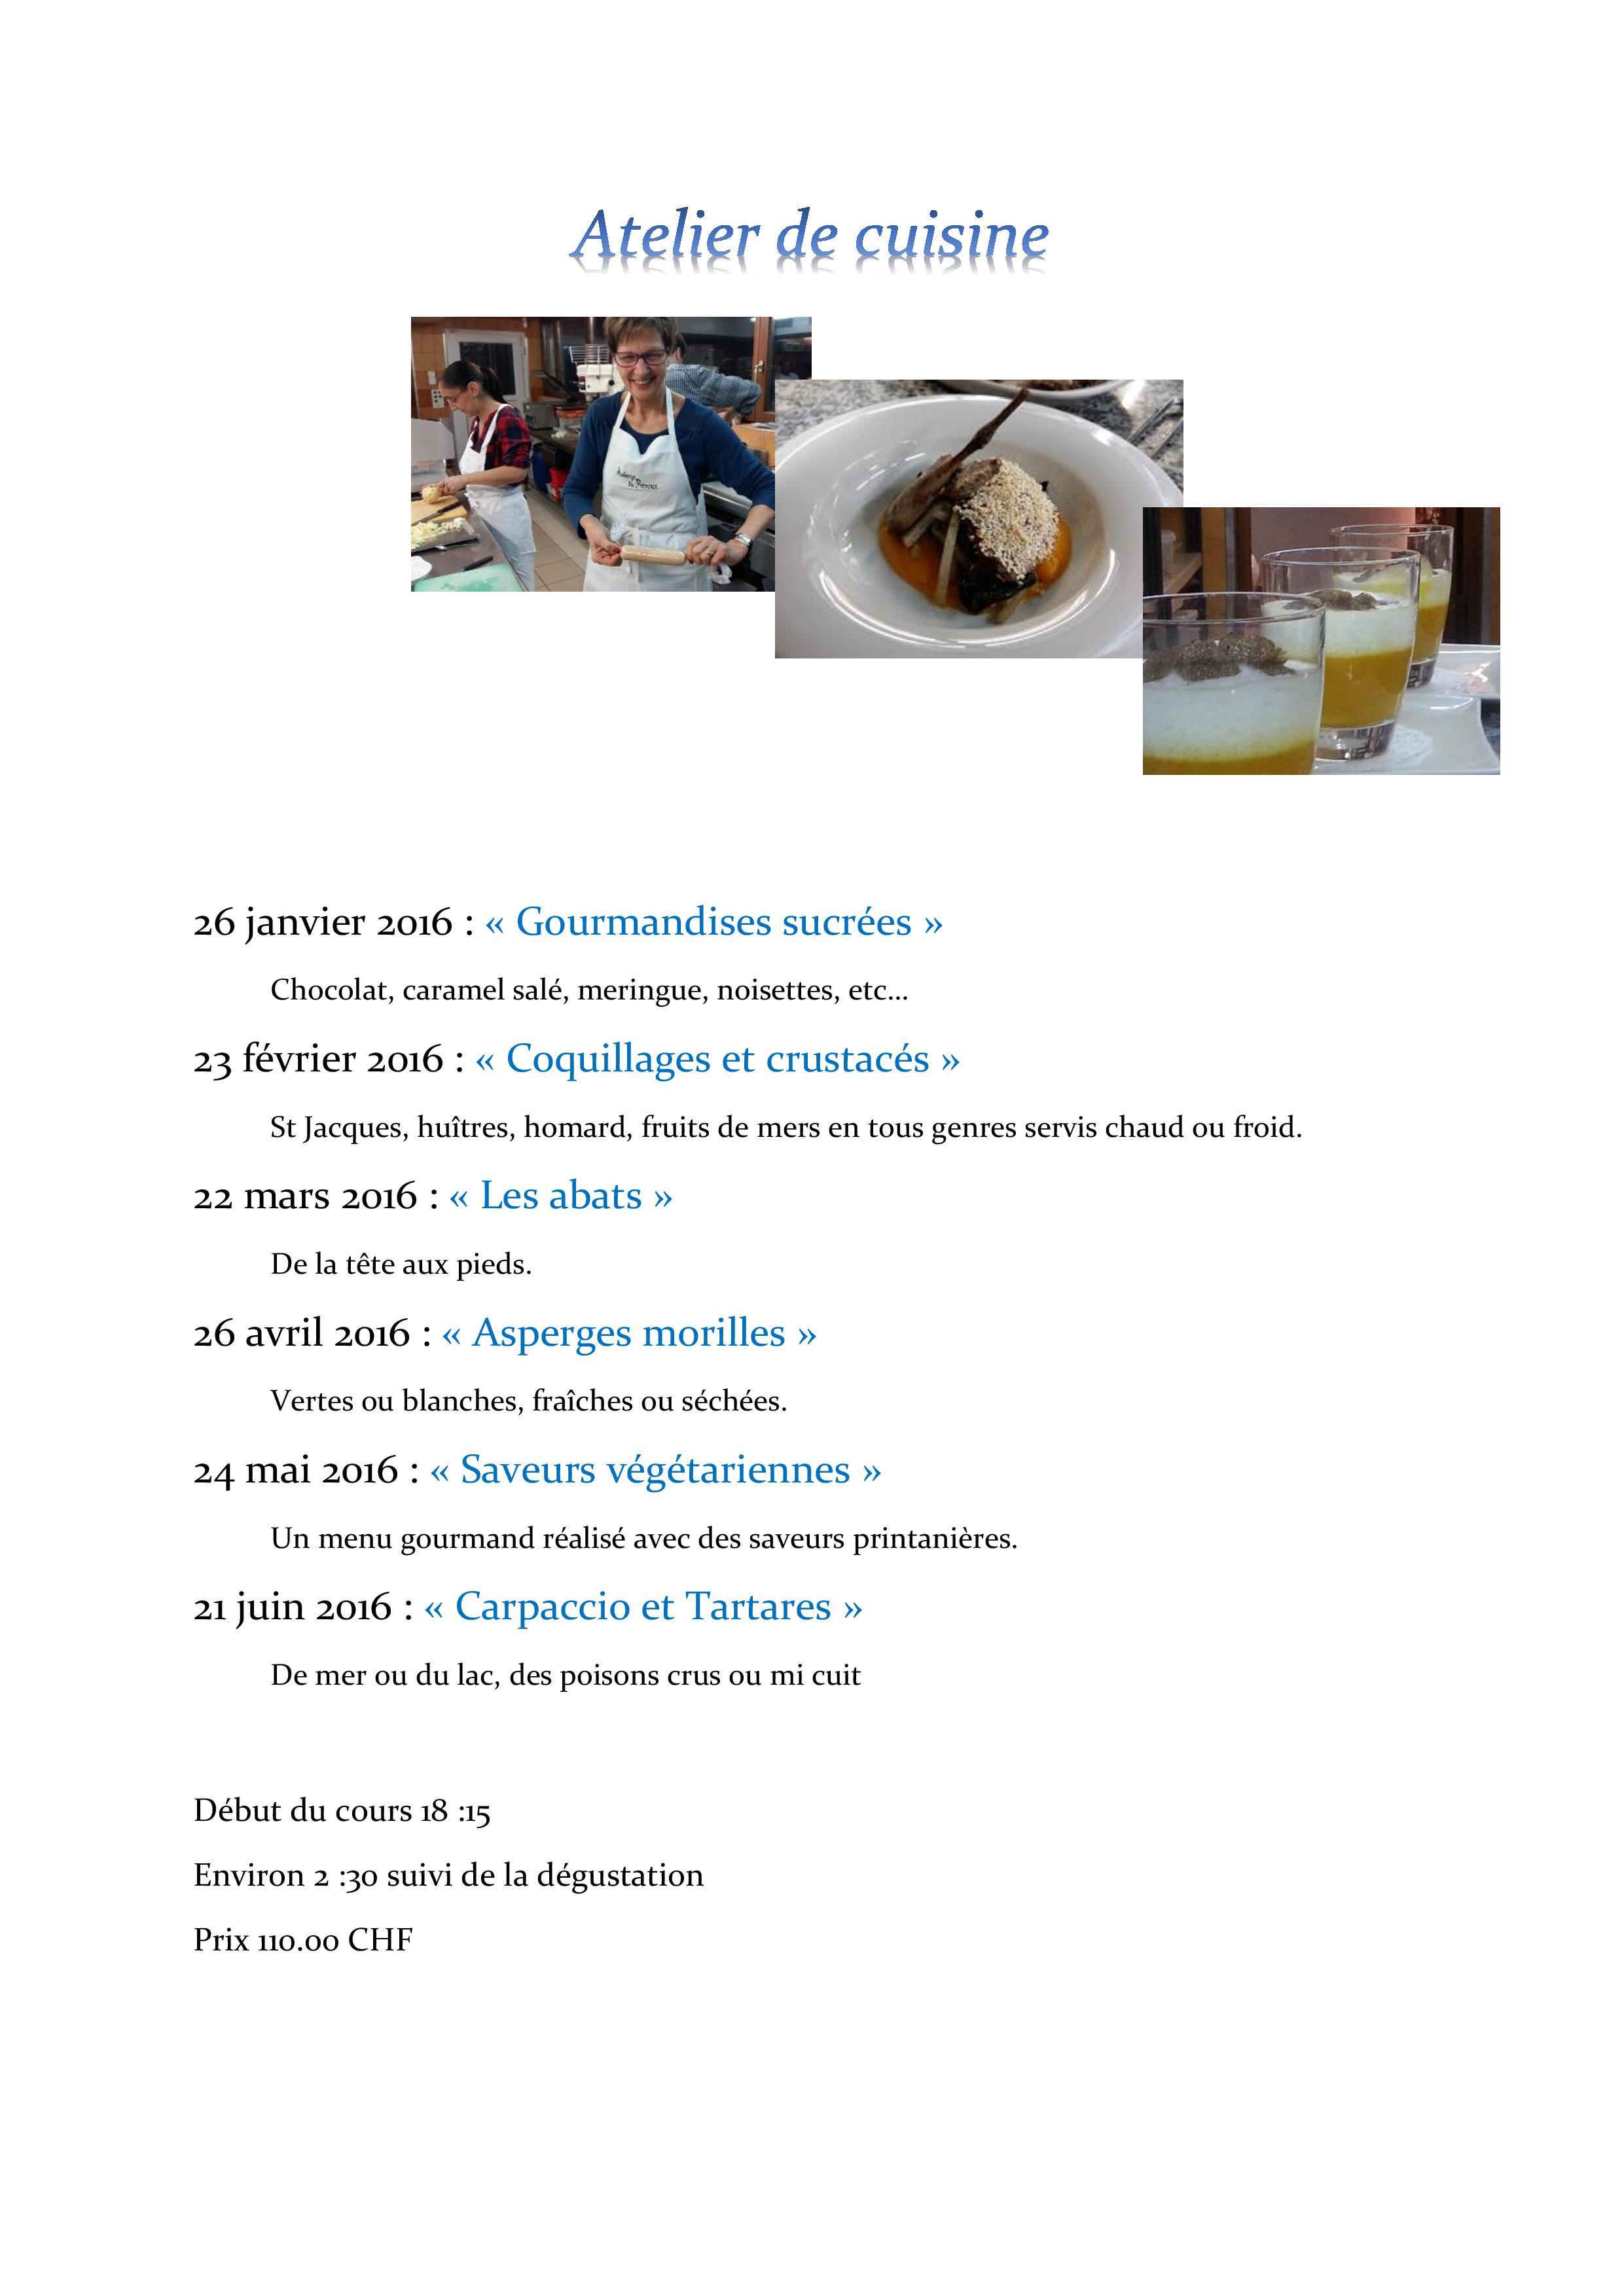 Atelier de cuisine programme 1er semestre-page-001 (1)